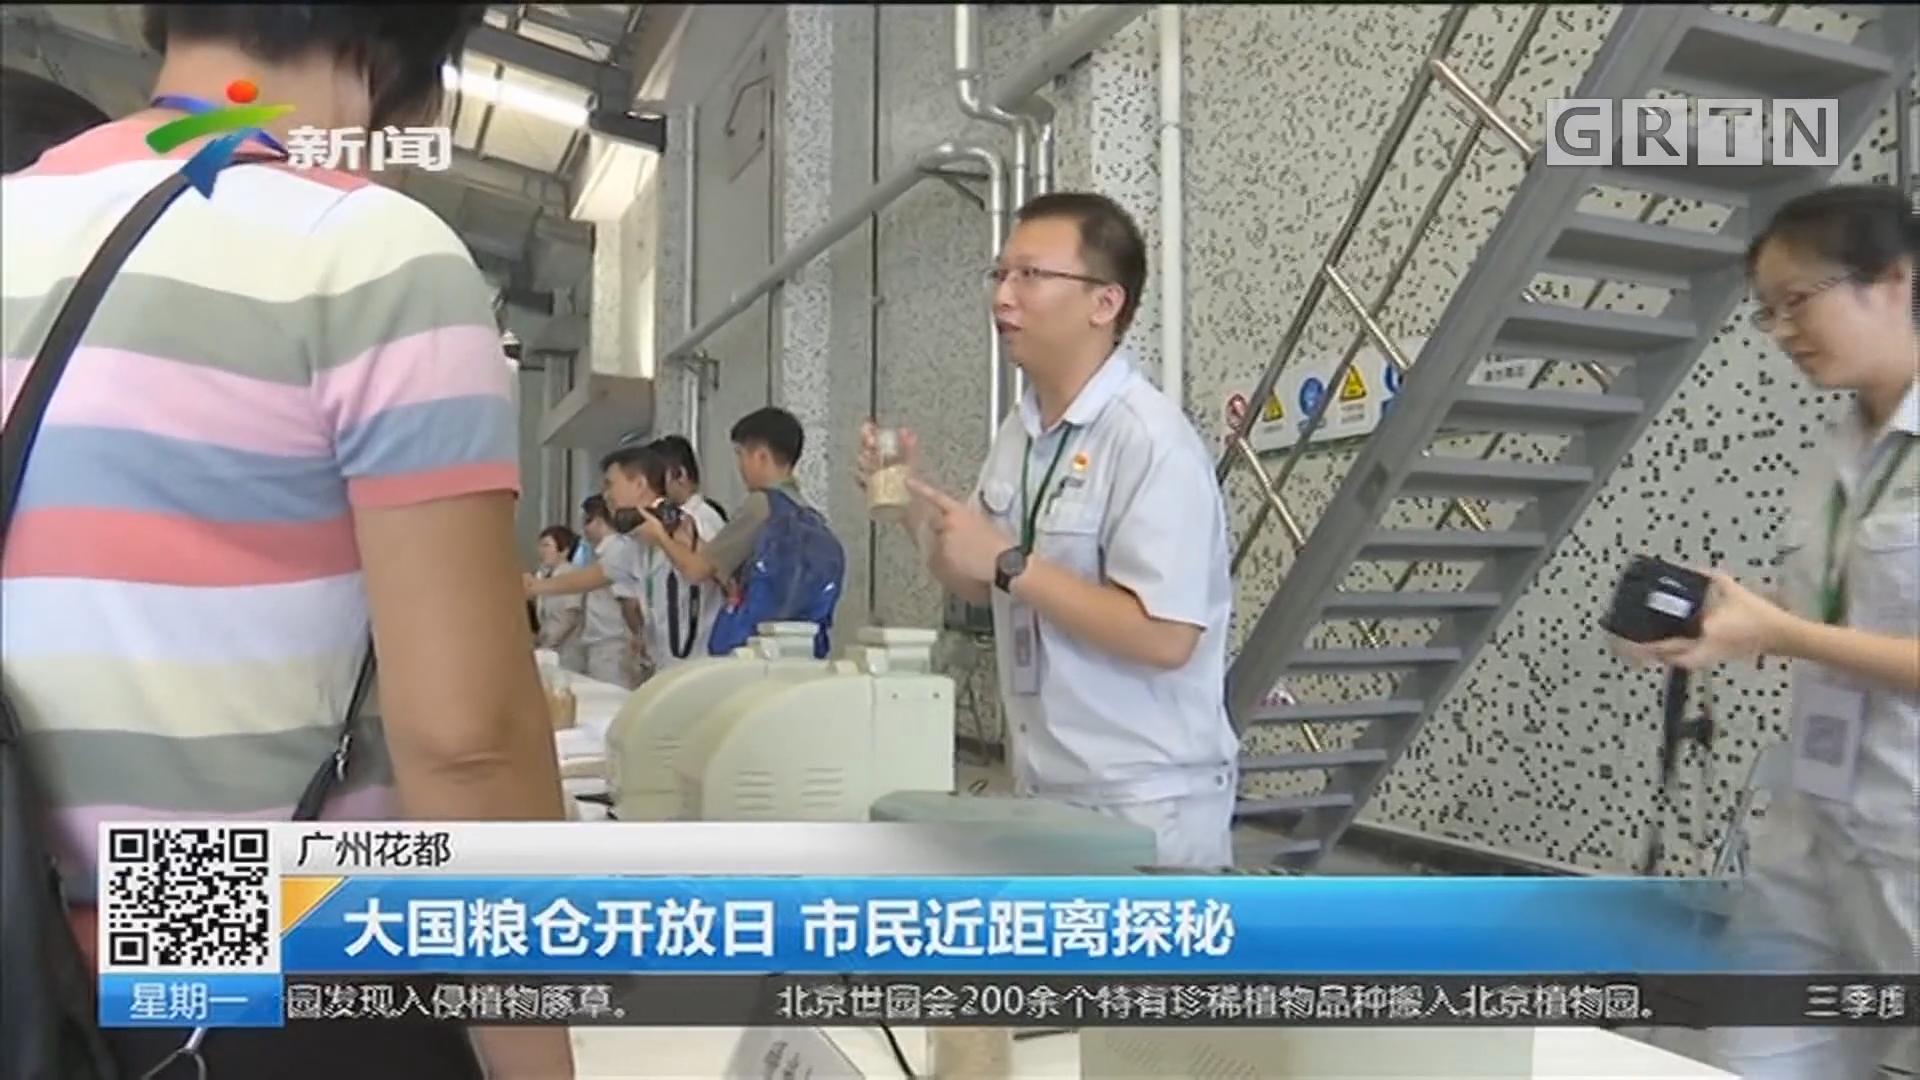 广州花都:大国粮仓开放日 市民近距离探秘